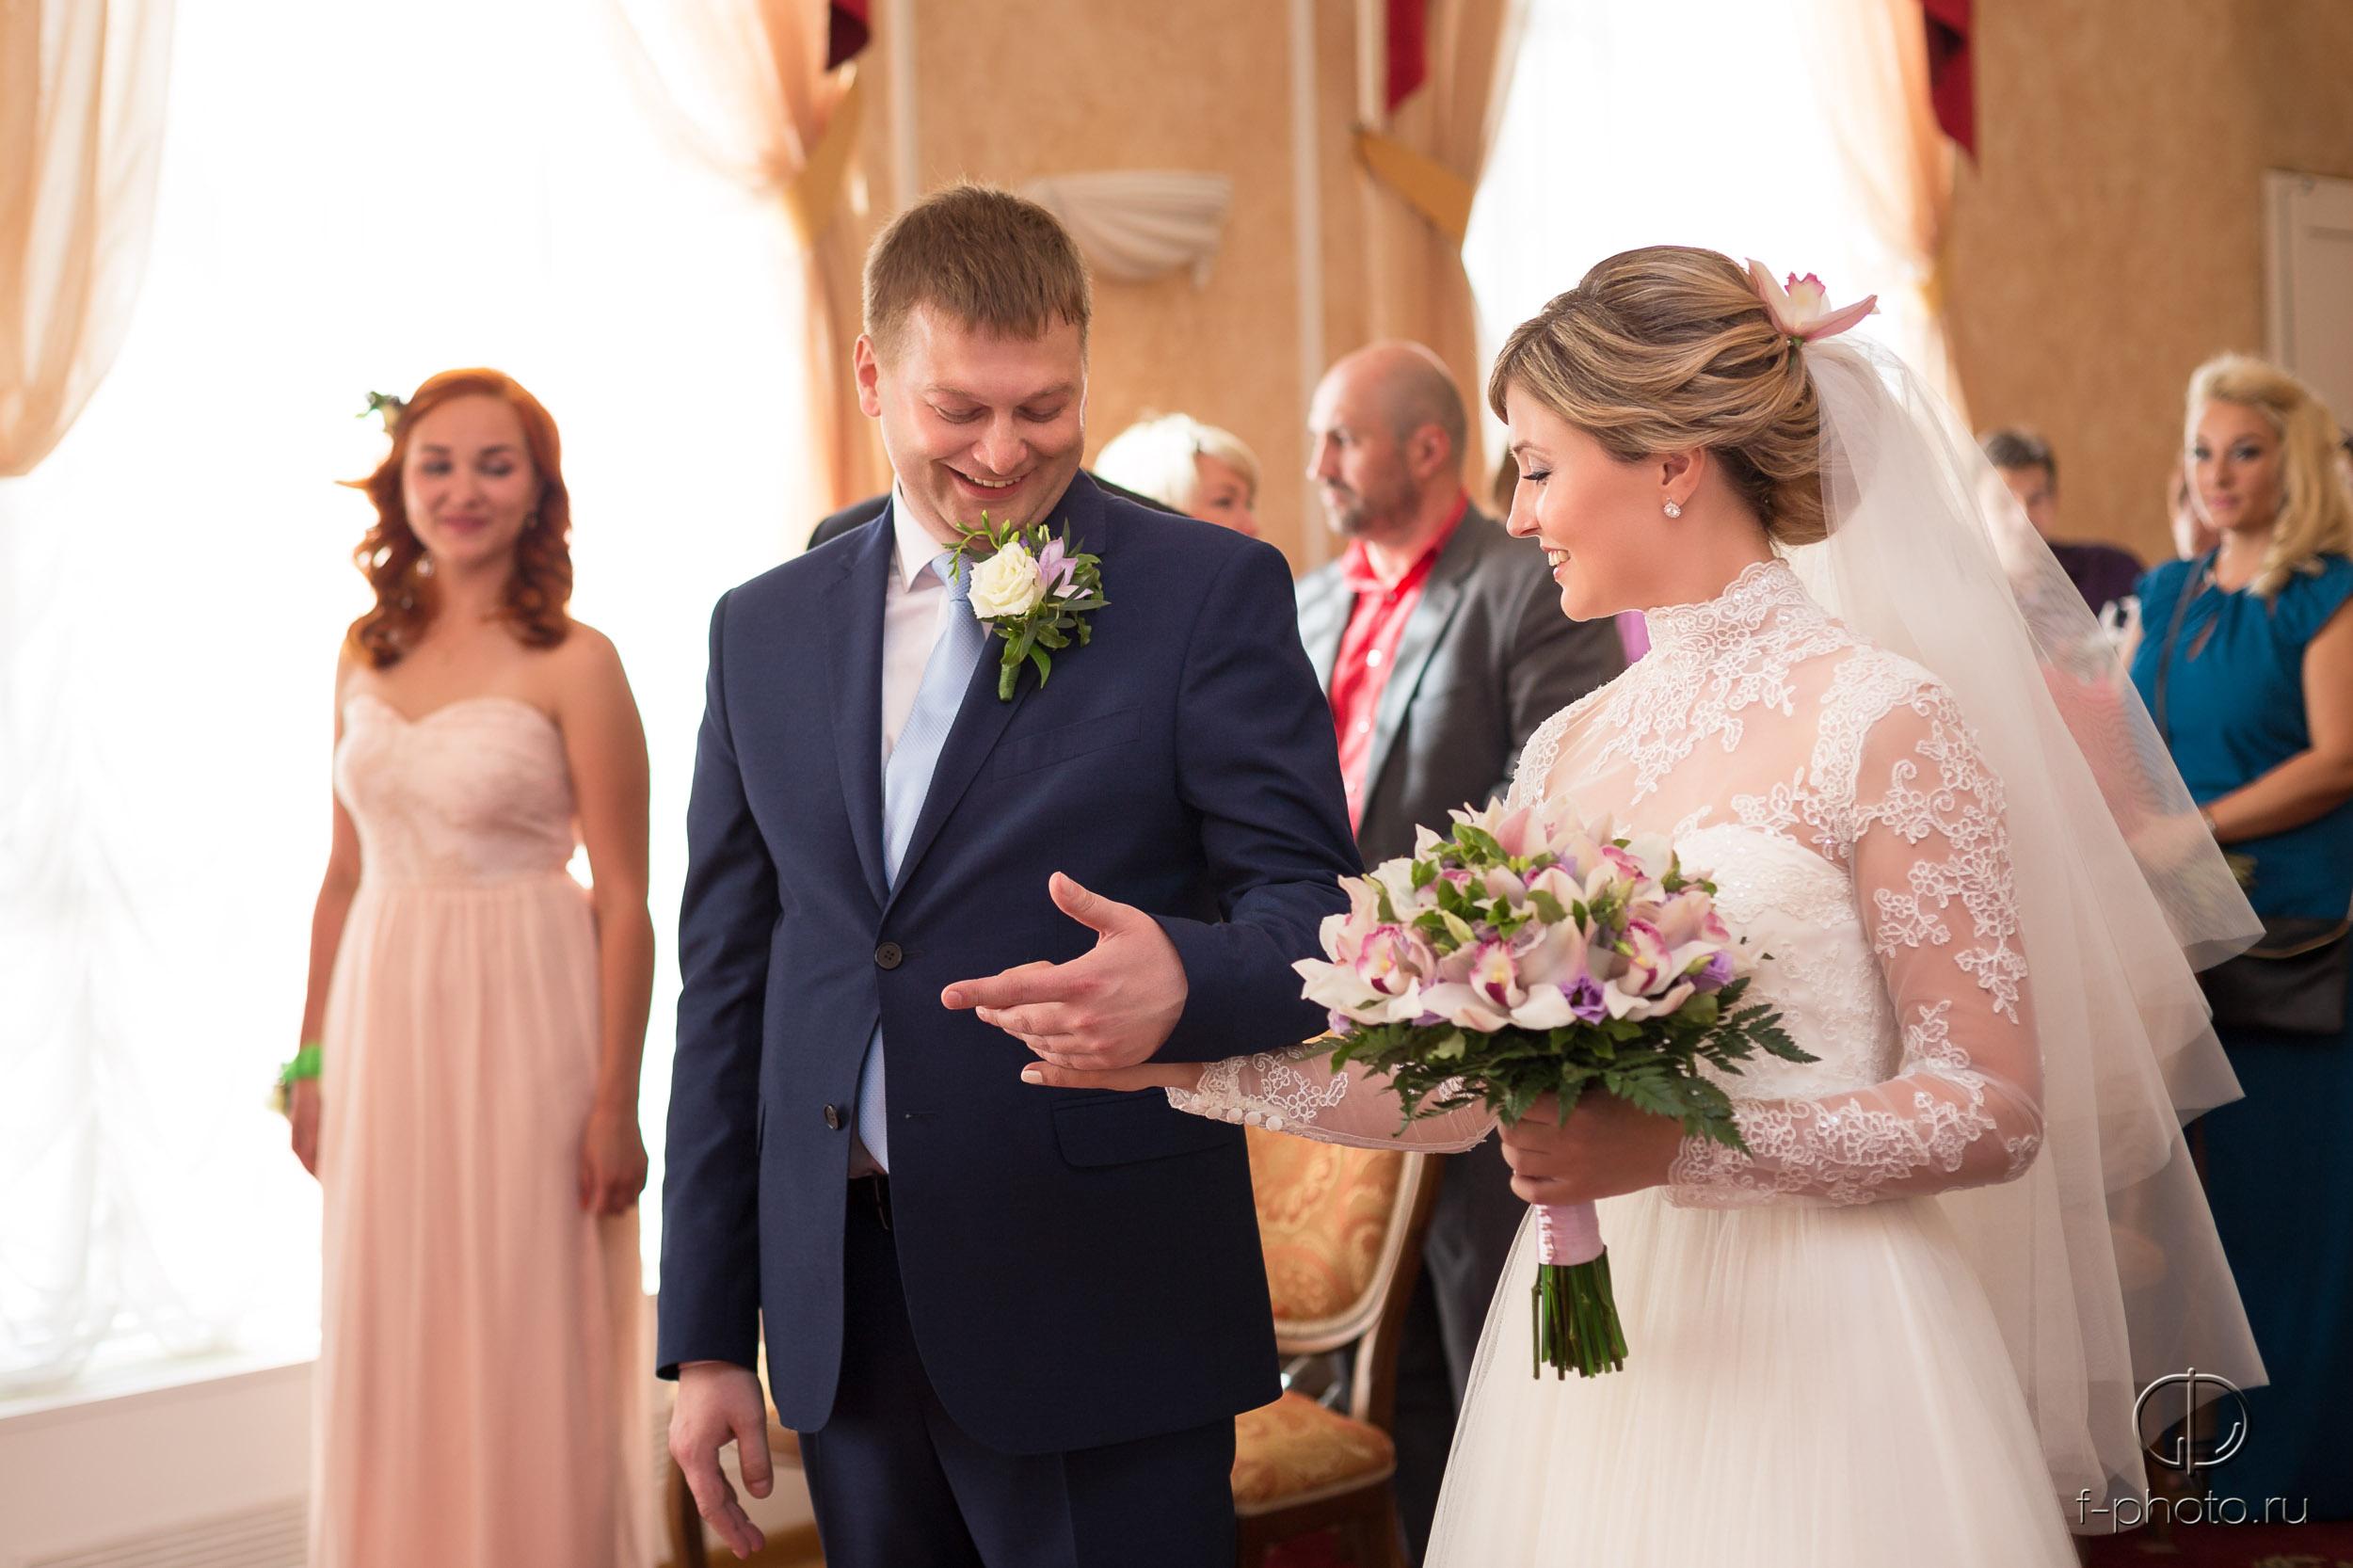 Регистрация брака жених и невеста